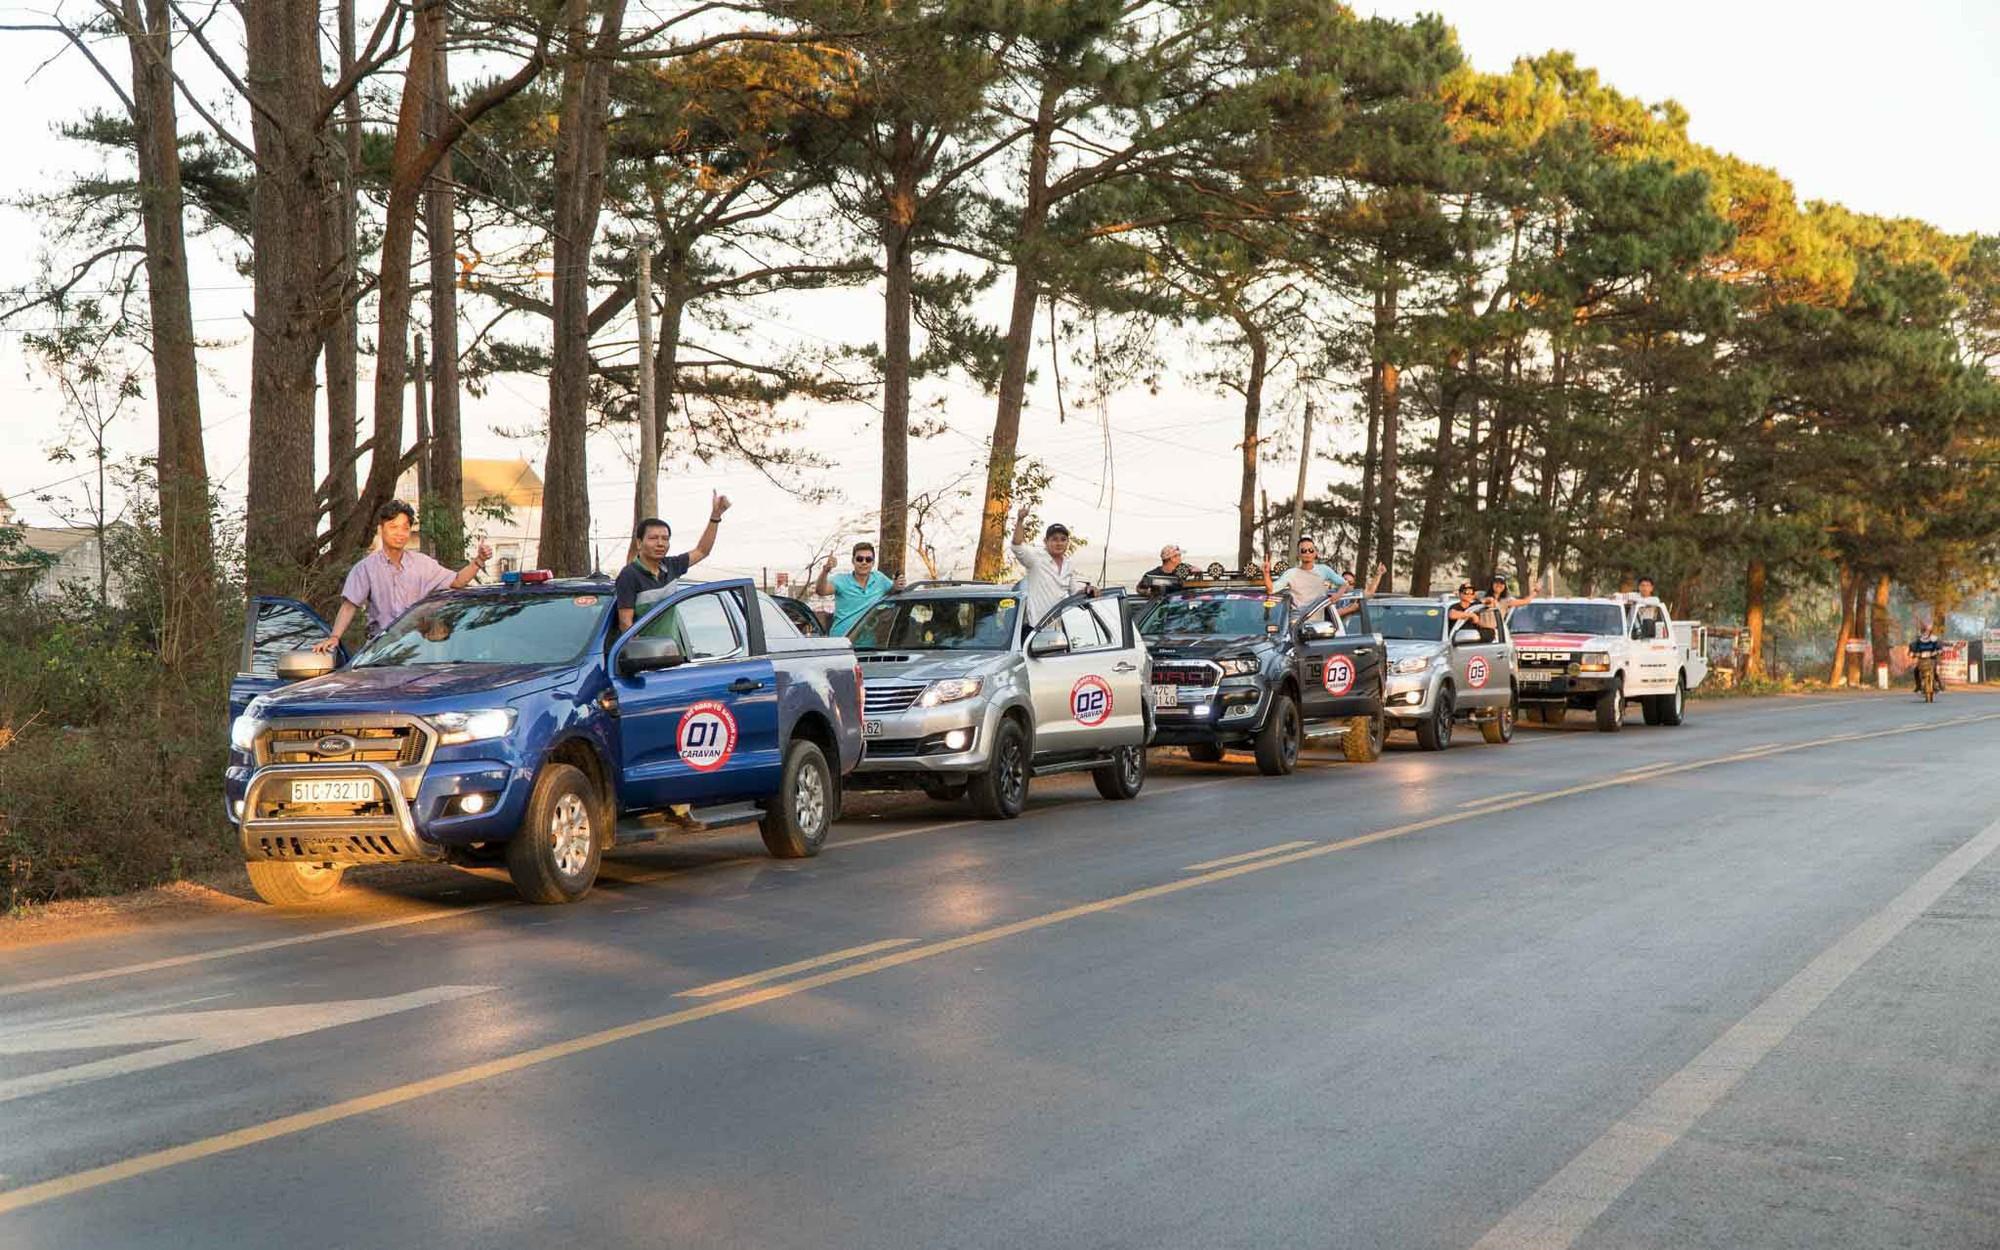 Caravan diễu hành xe vì sự phát triển du lịch bền vững Campuchia – Thái Lan – Việt Nam